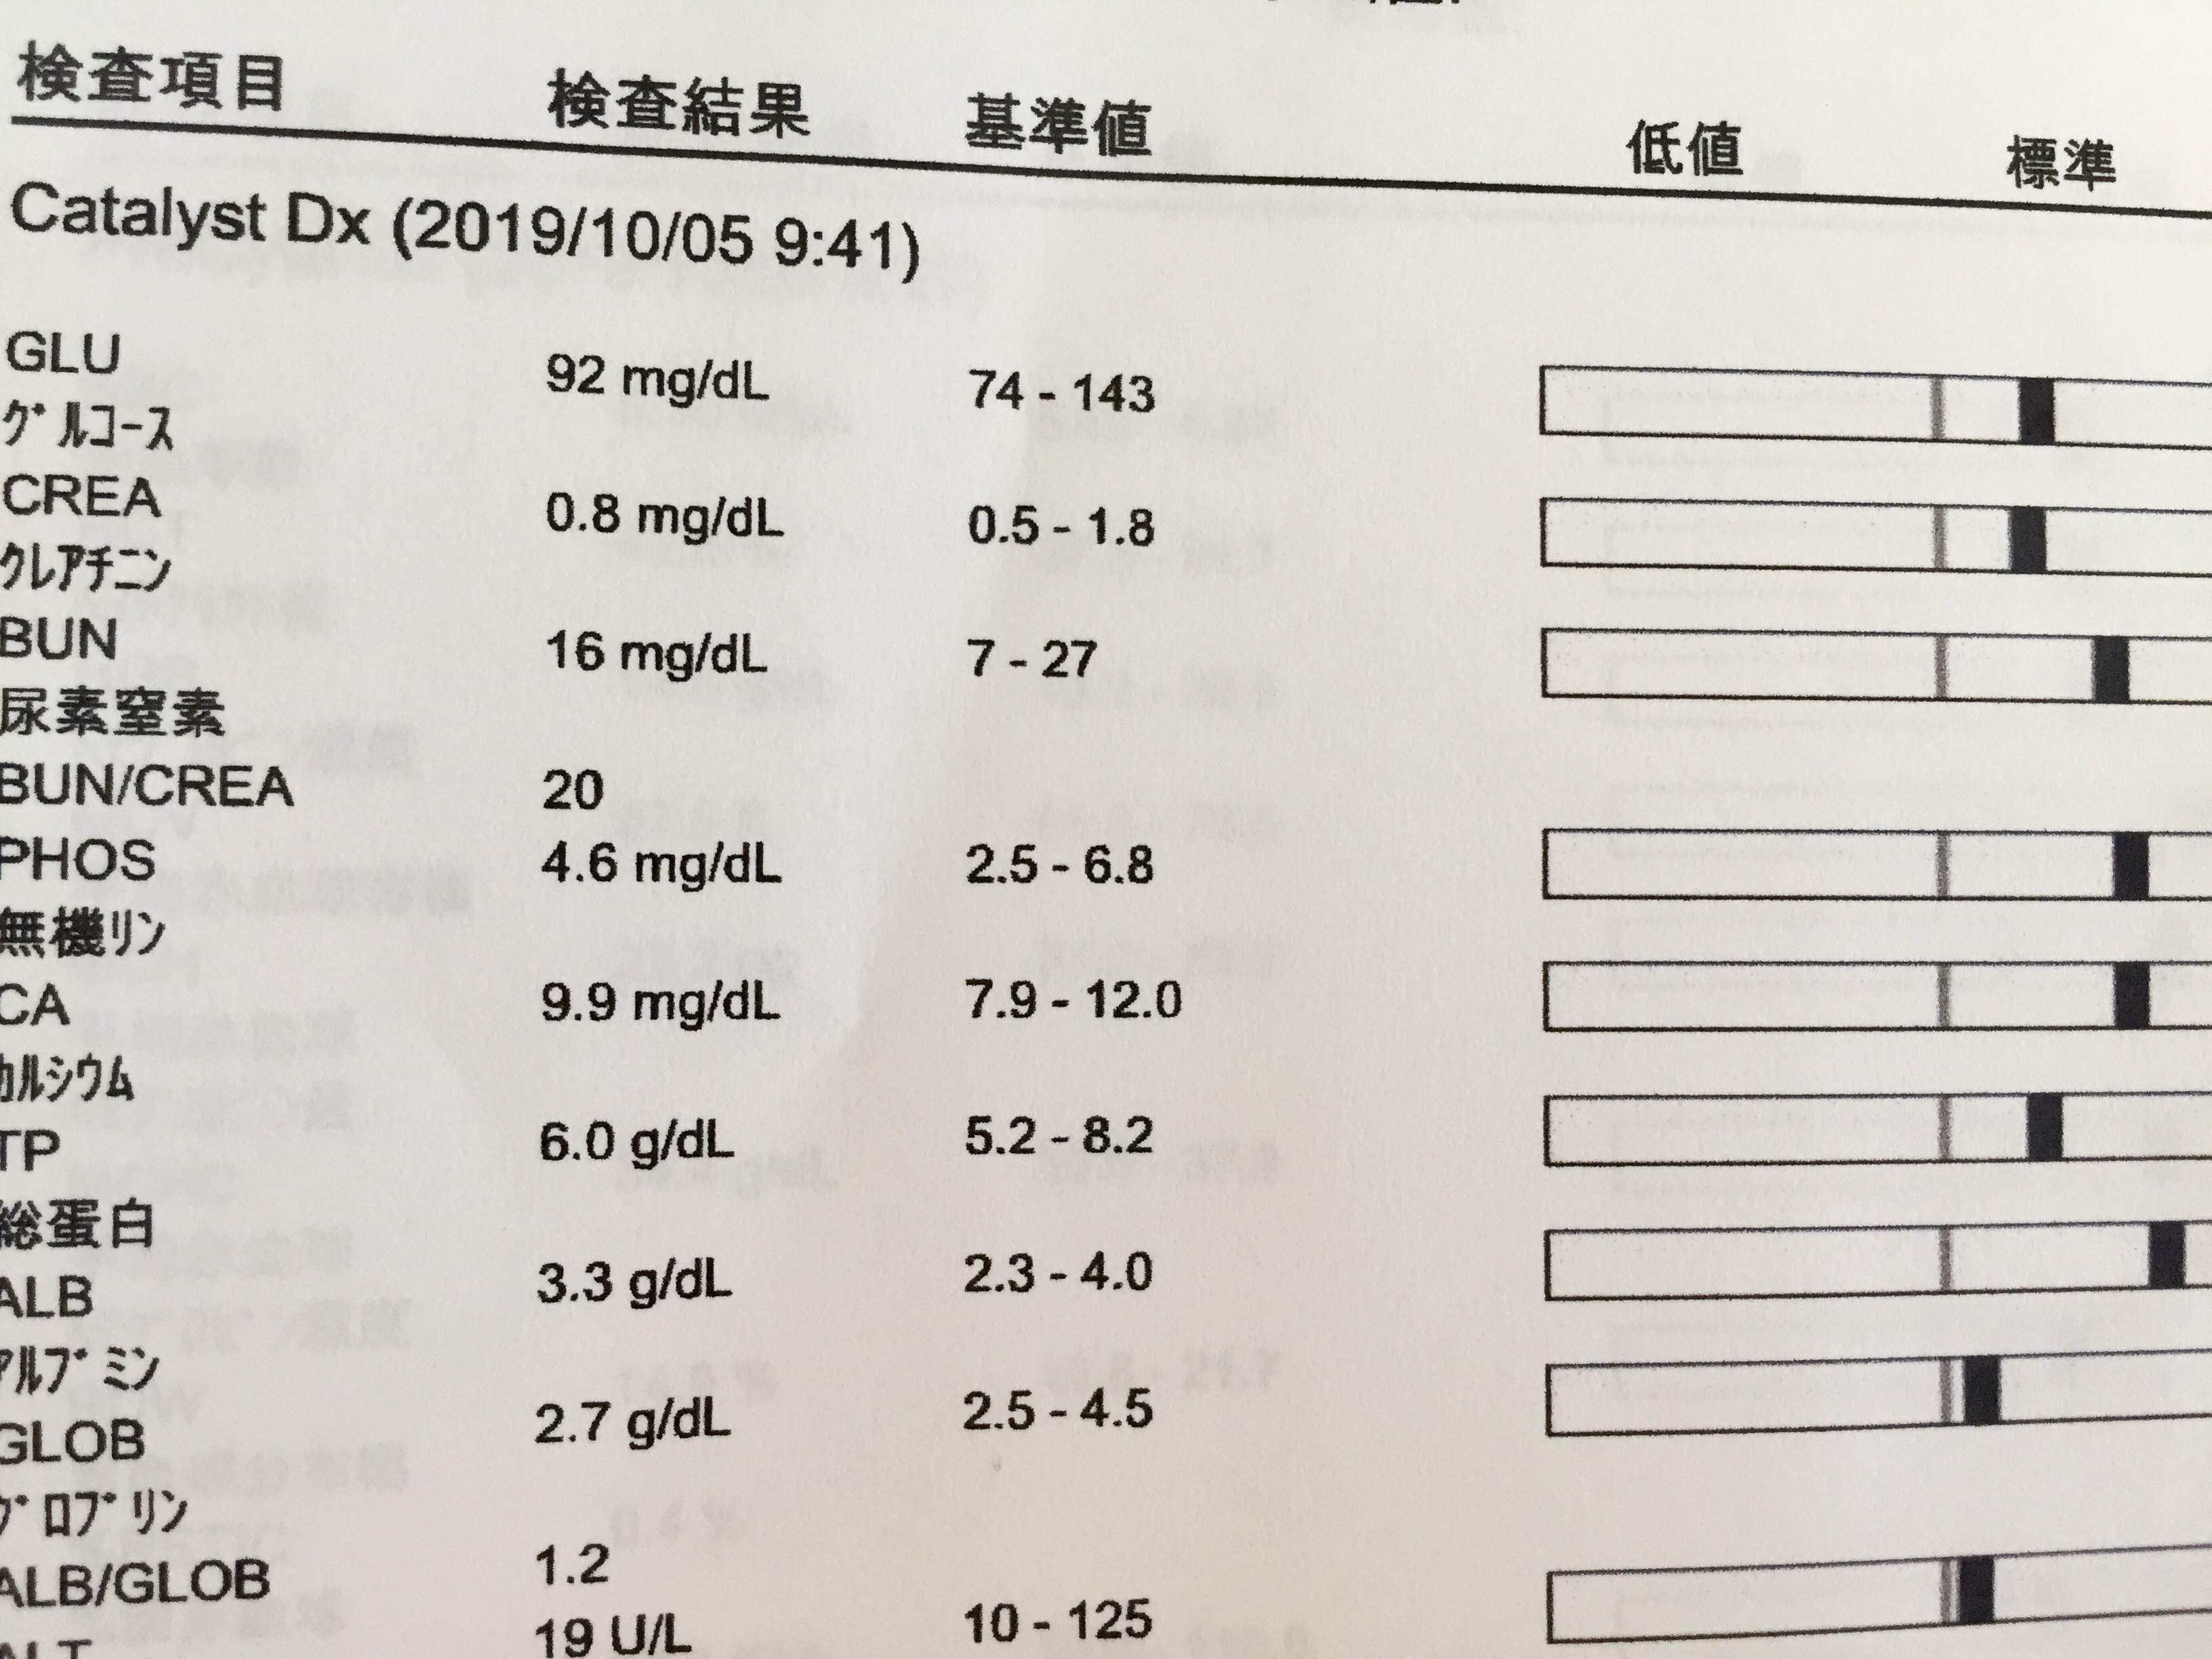 検査 基準 値 尿